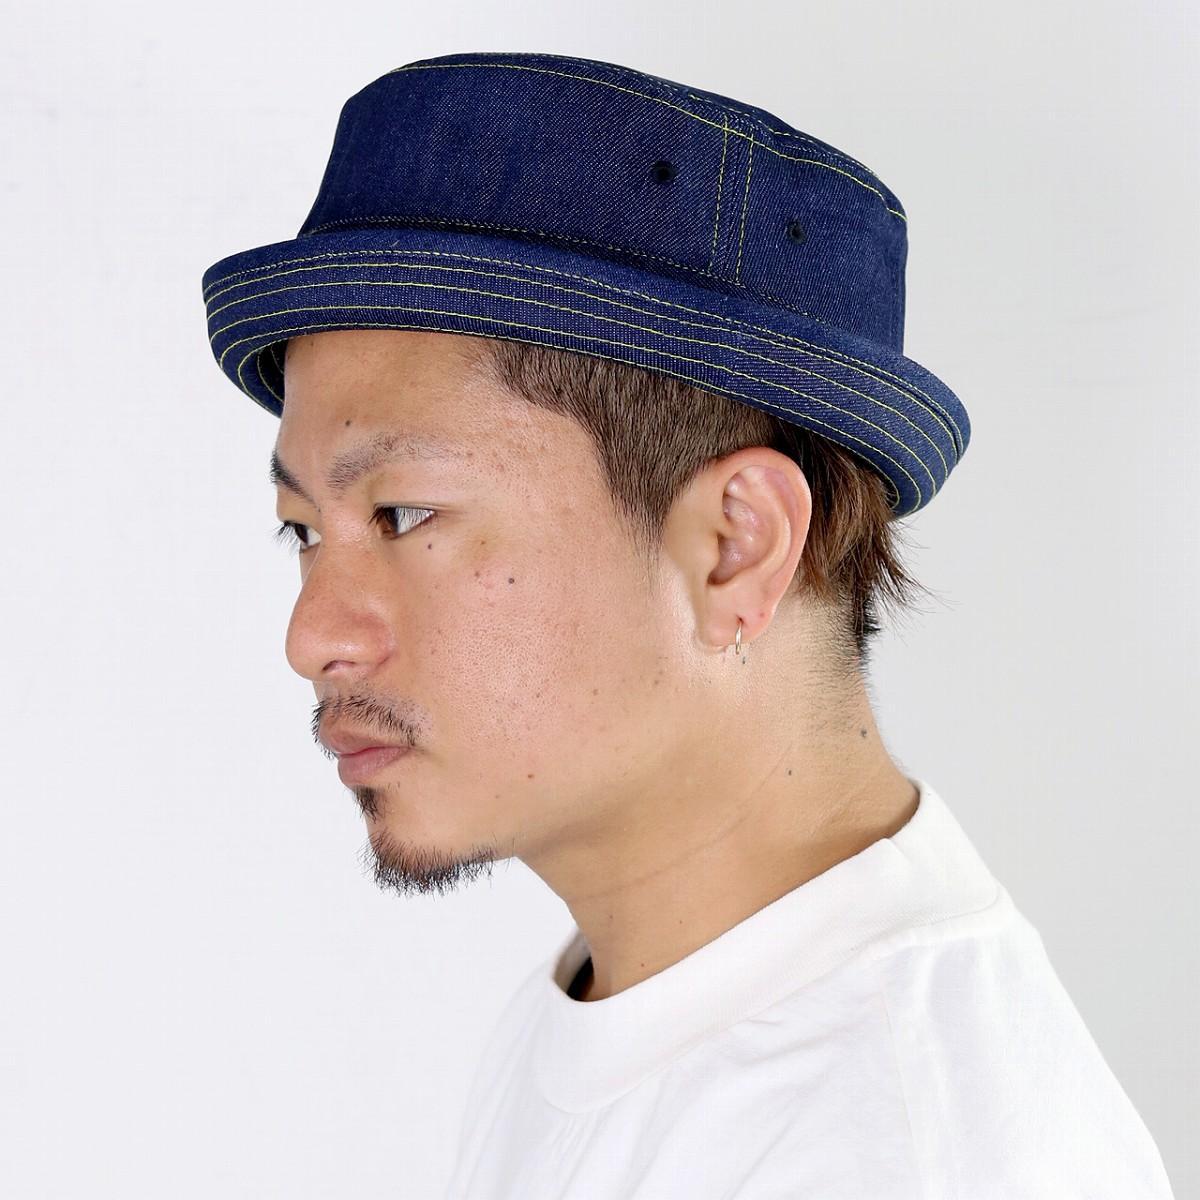 ce2aae5a7c9d9 ELEHELM HAT STORE  Hat men RUBEN denim pork pie Rouben hat size 62cm simple  casual denim accessory denim hat unisex blue denim dark blue navy  pork-pie  hat  ...